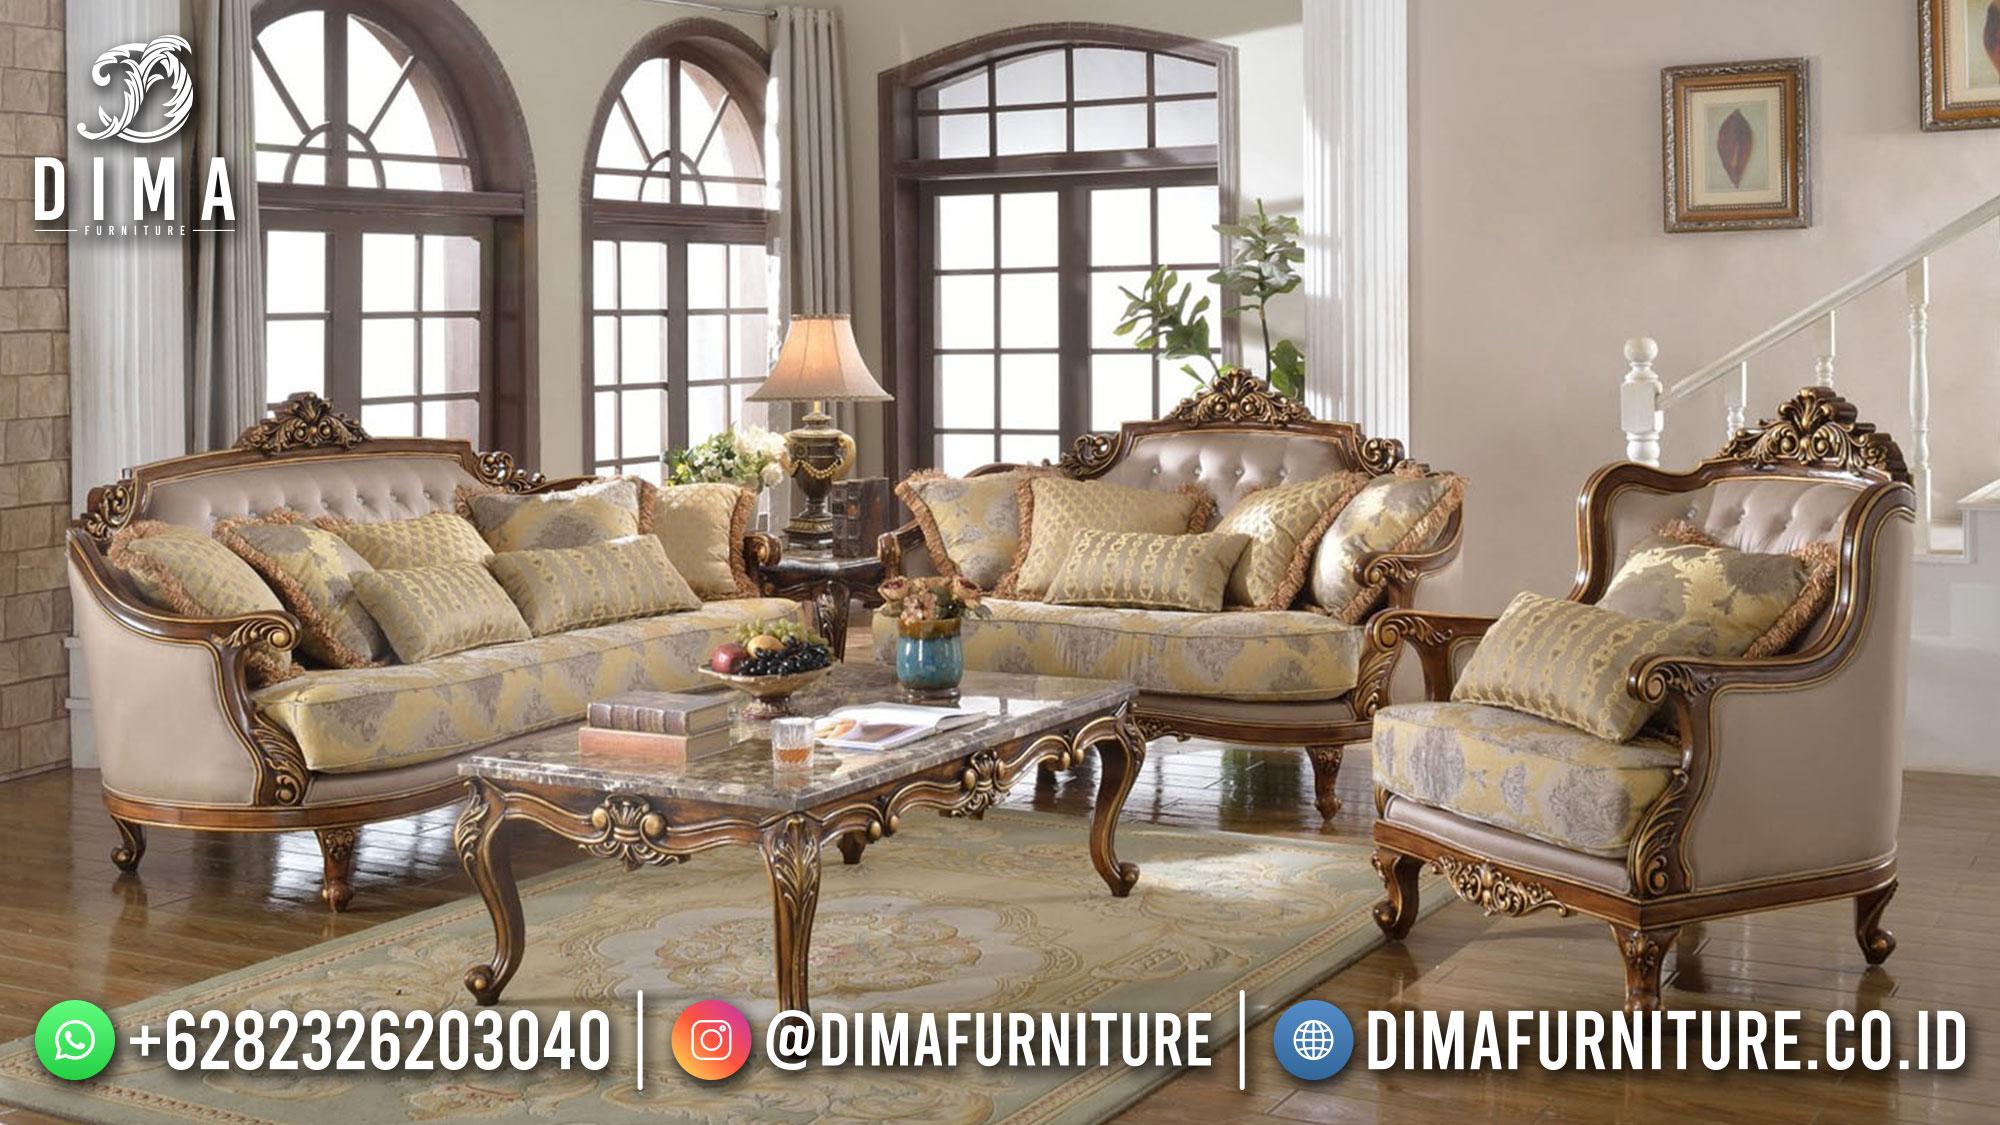 Sofa Tamu Mewah Jepara Luxury Classic Excellent Color Terbaru ST-1437